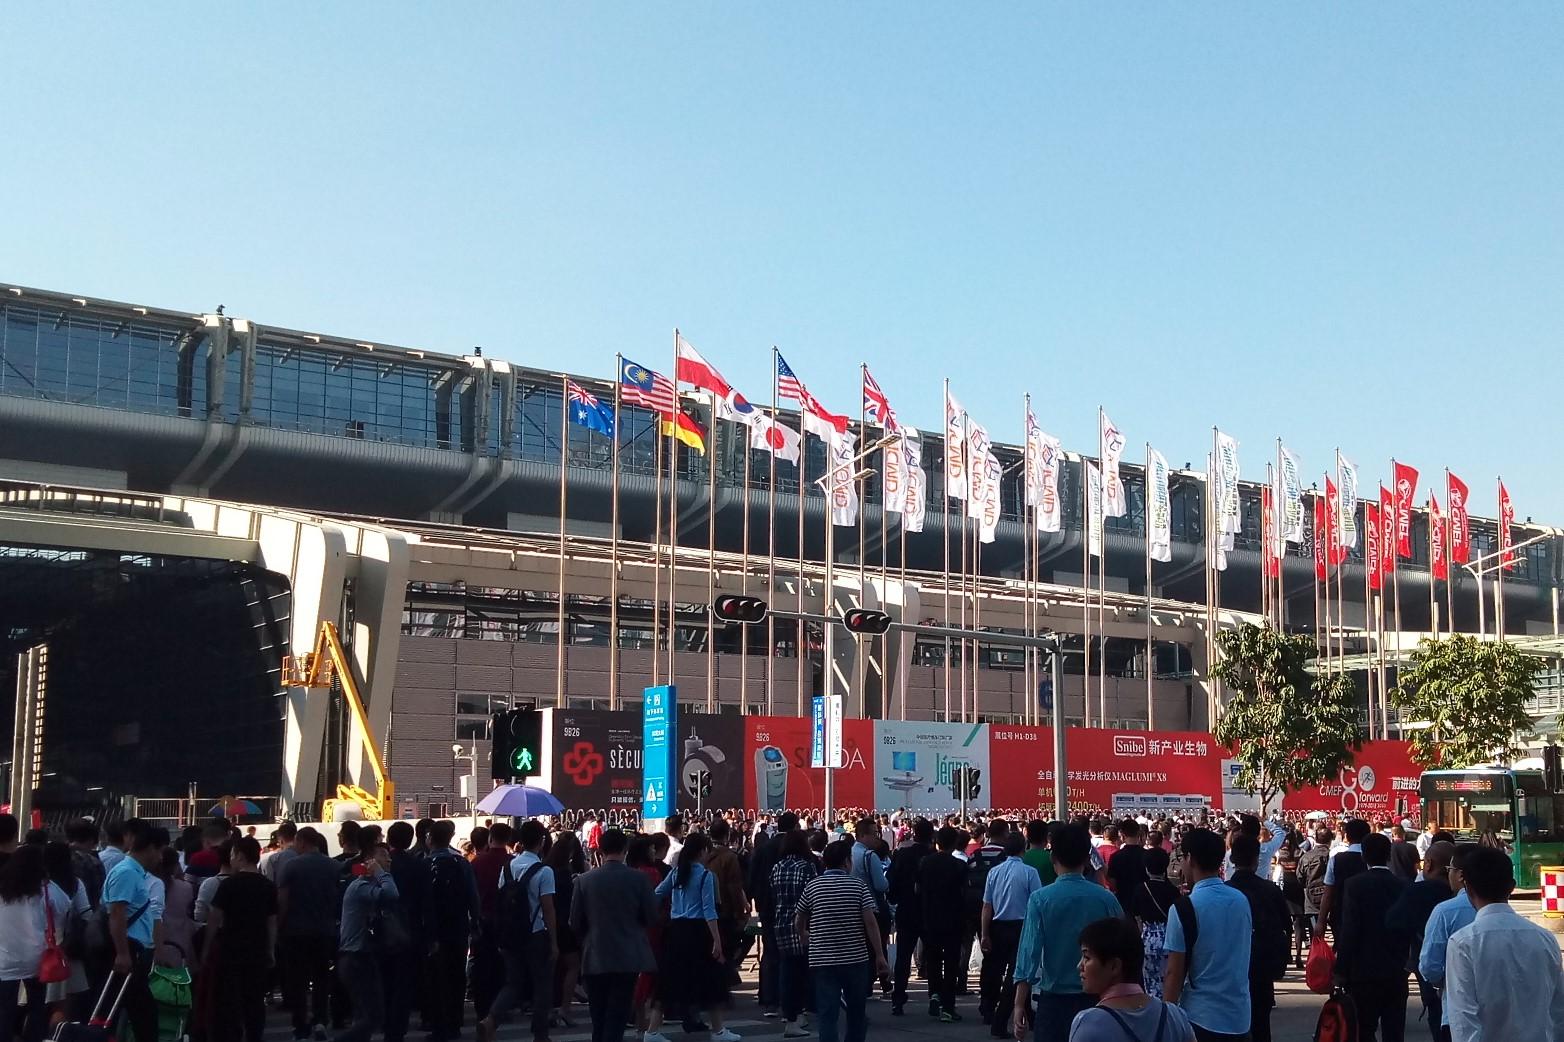 第80届CMEF在医械之都深圳举办,实地考察后我们发现三点值得关注